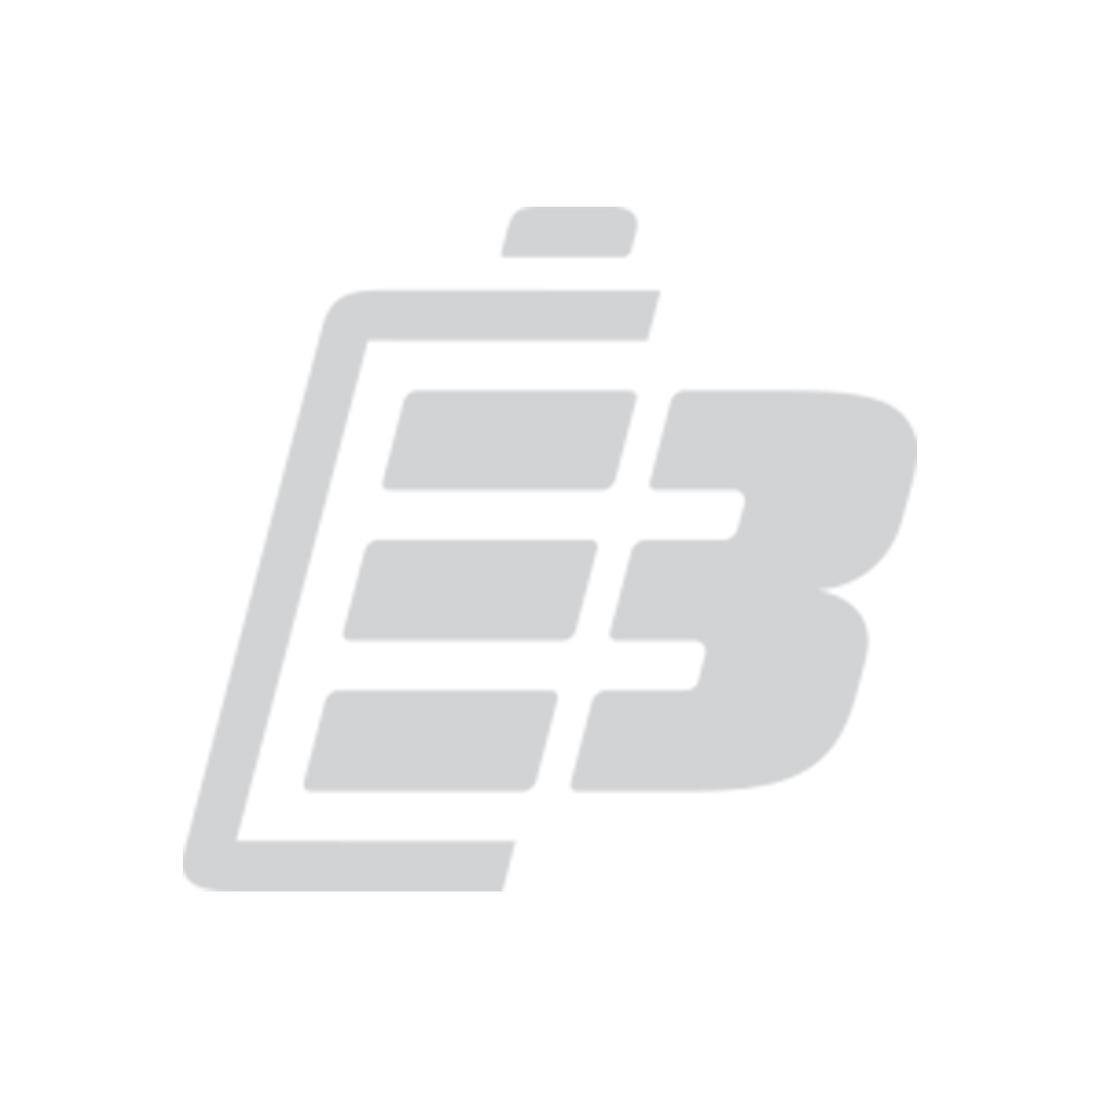 Τροφοδοτικό Laptop για Apple 20V 85W MagSafe2_1